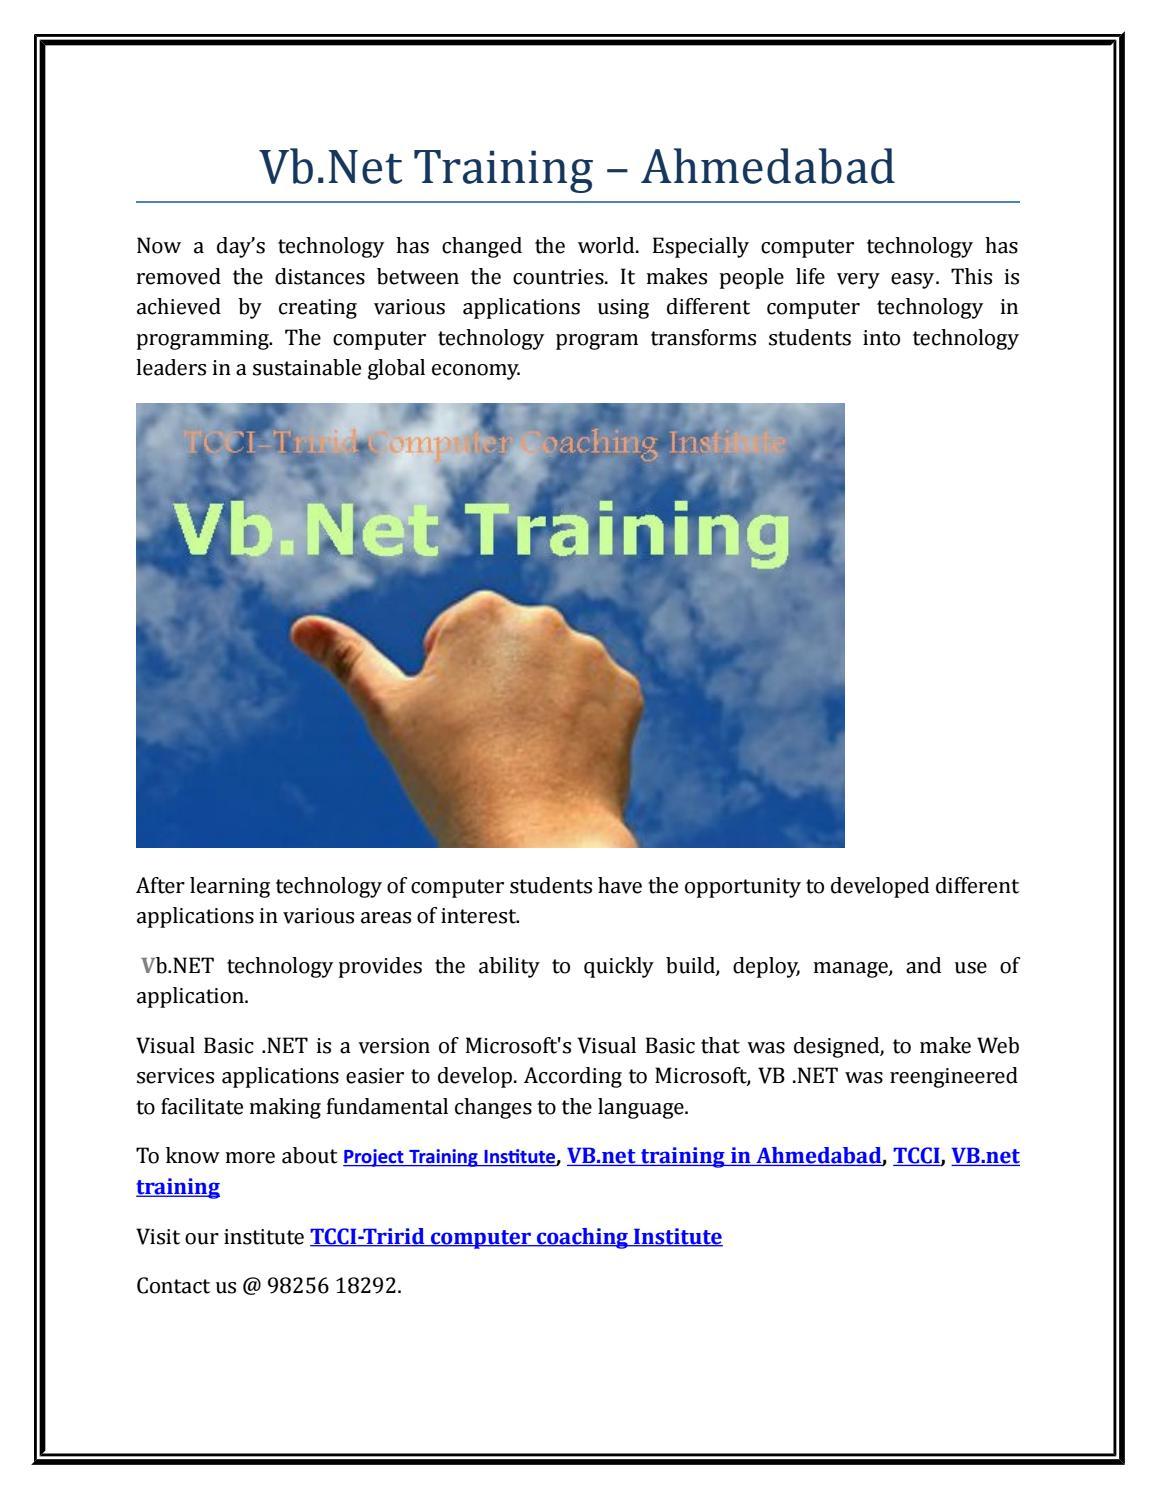 Vb net training ahmedabad by Rosario Riley - issuu